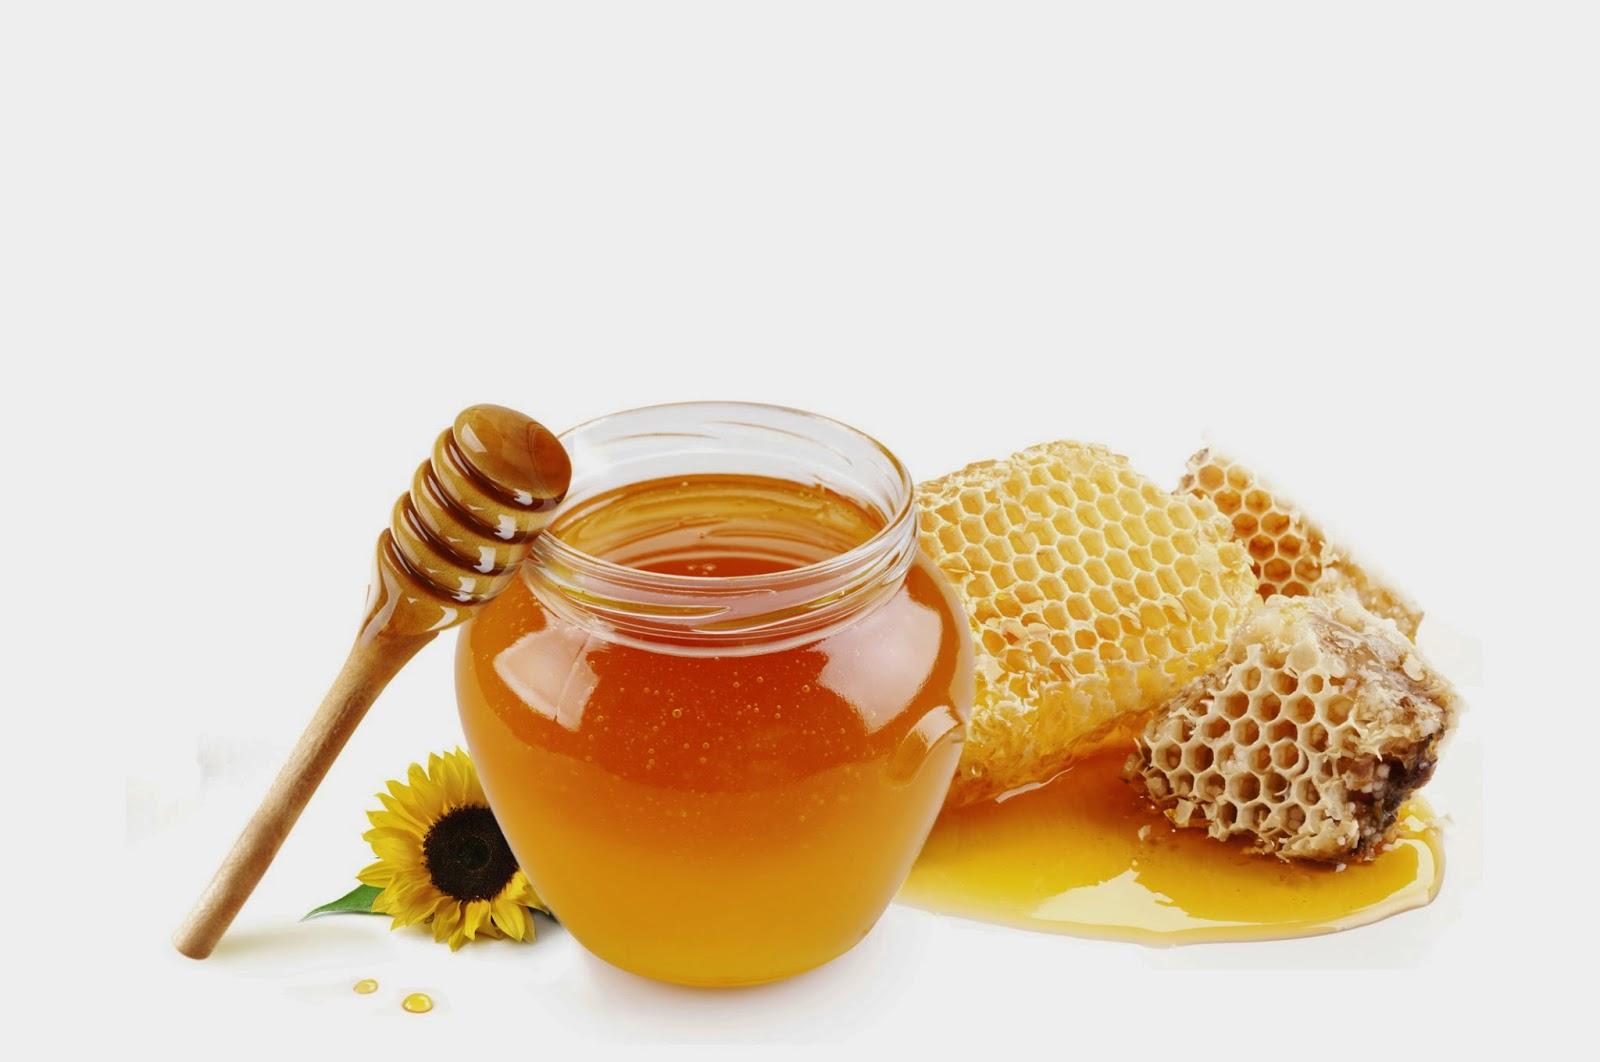 بالصور صور عسل النحل   ,   اروع الصور المميزه لعسل النحل الطبيعى 1532 10